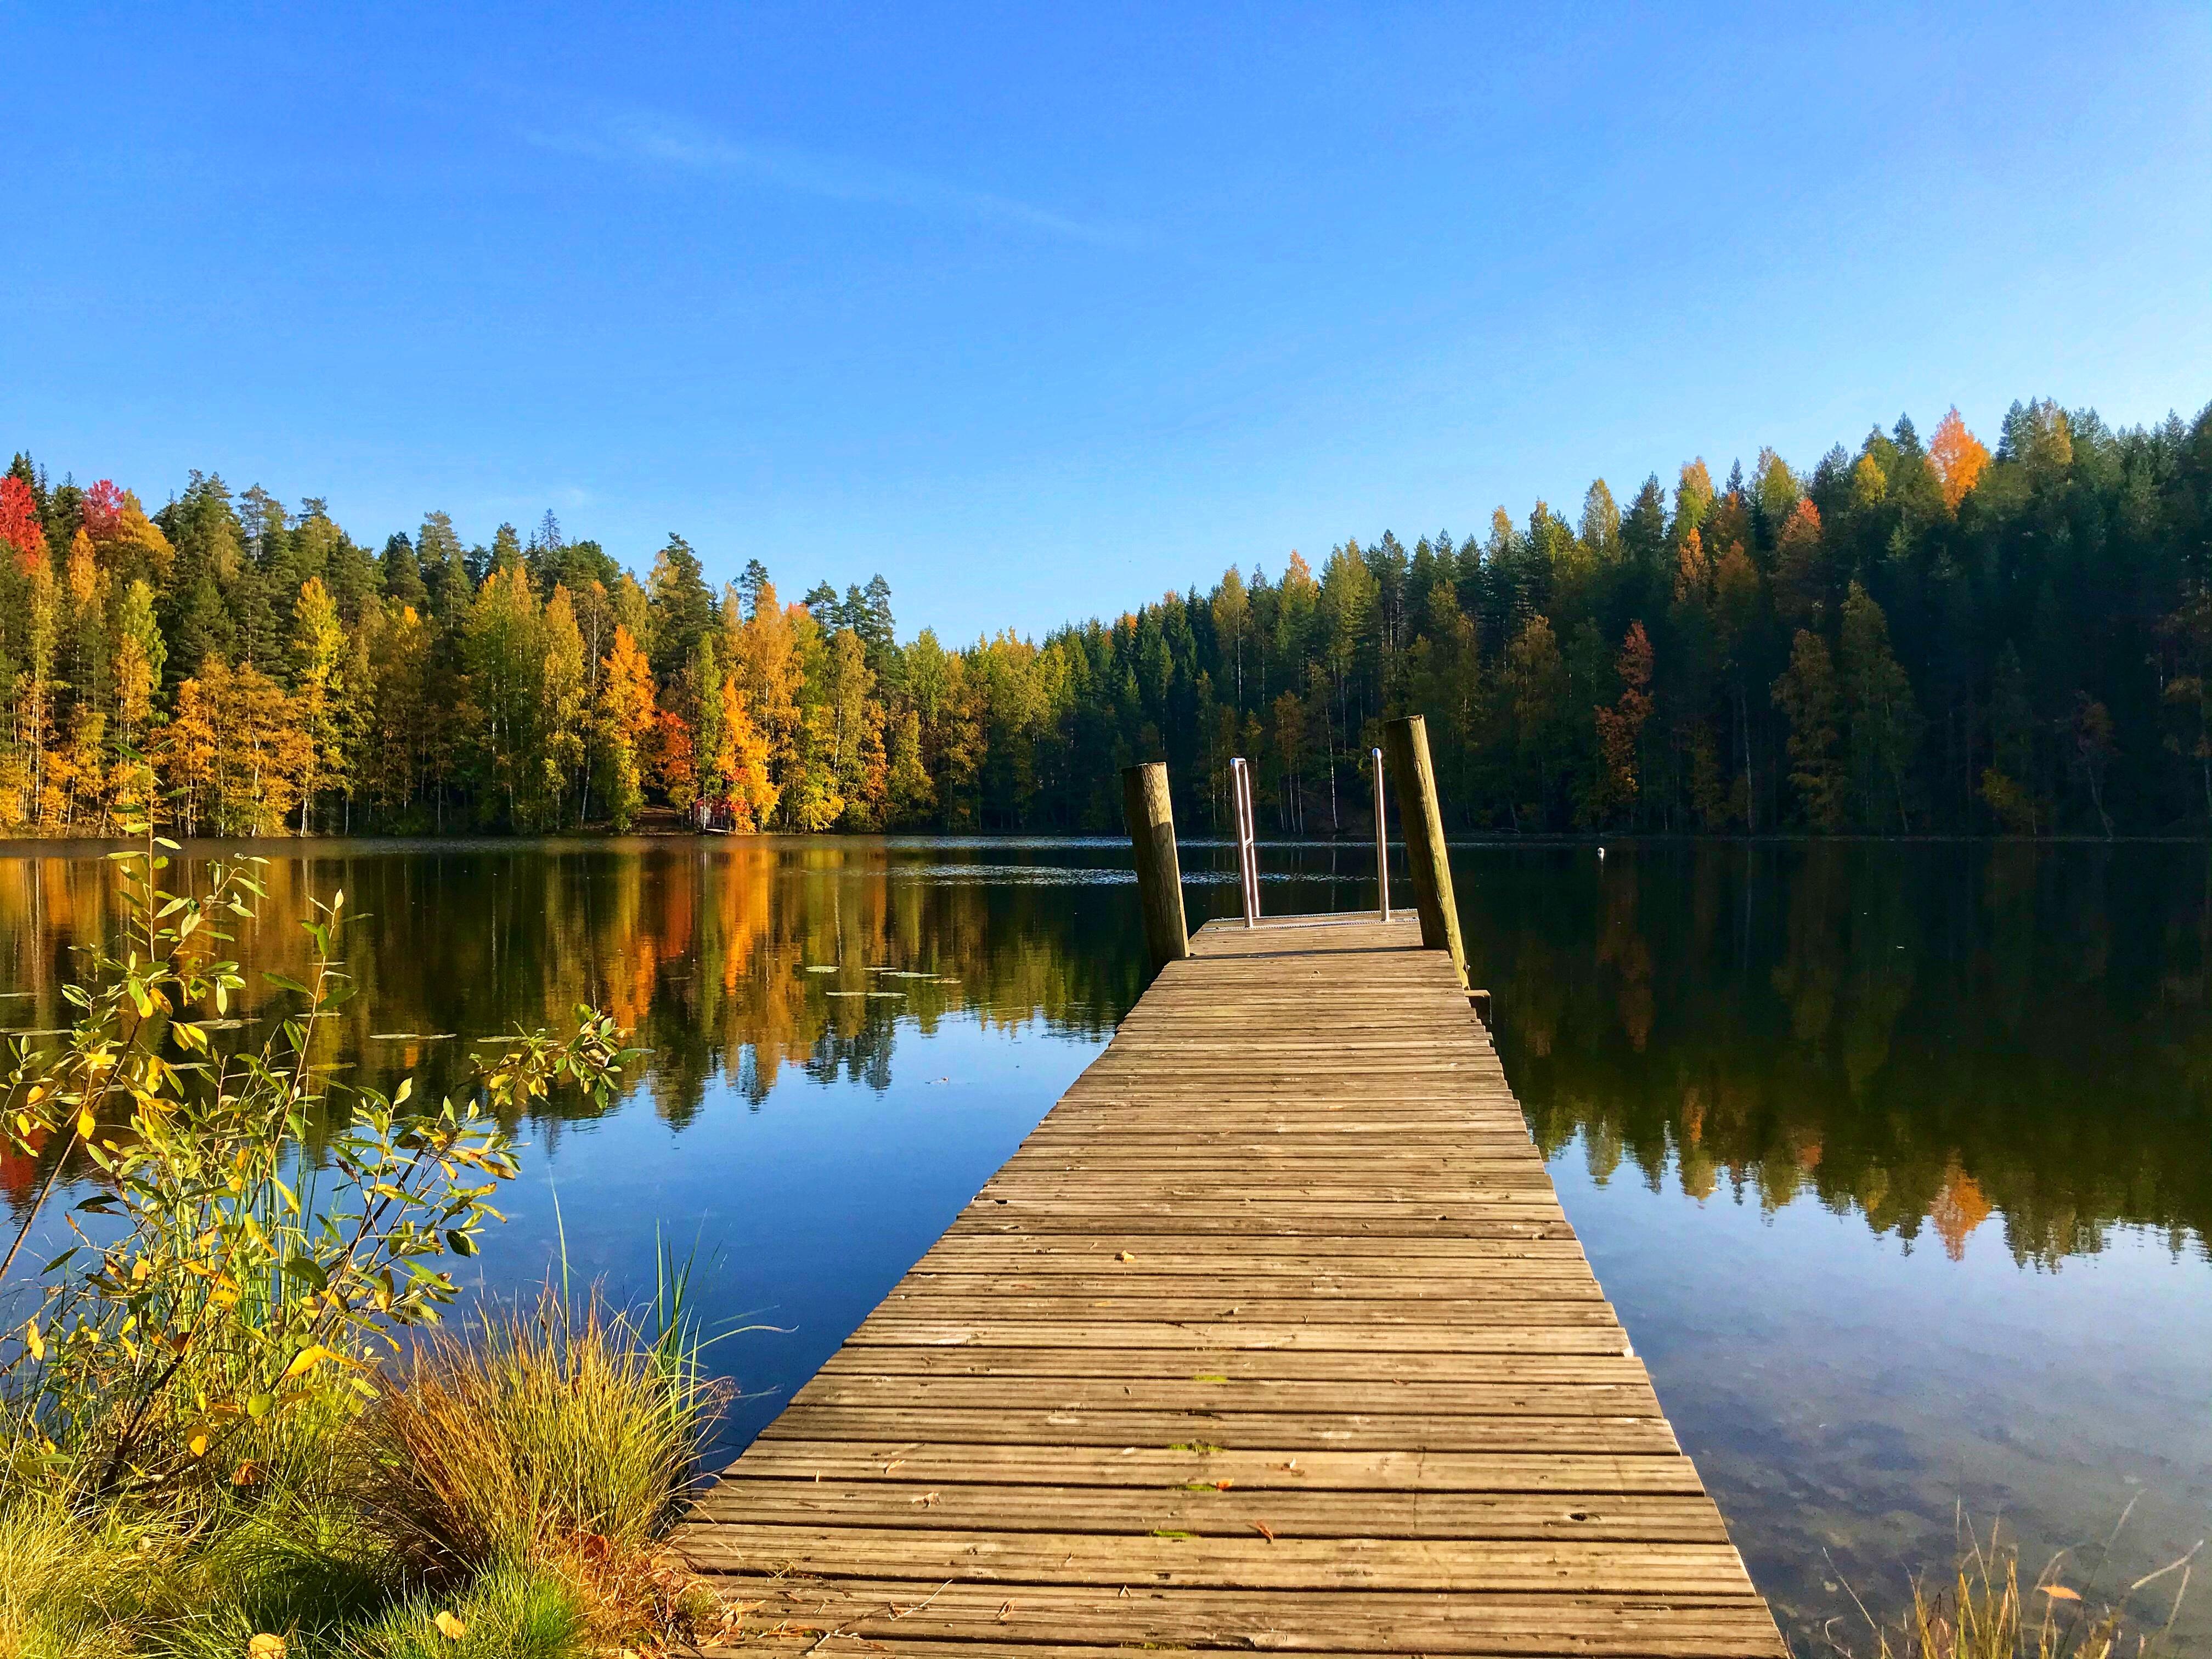 Syksyinen maisema, jossa järvi, puita ja laituri.